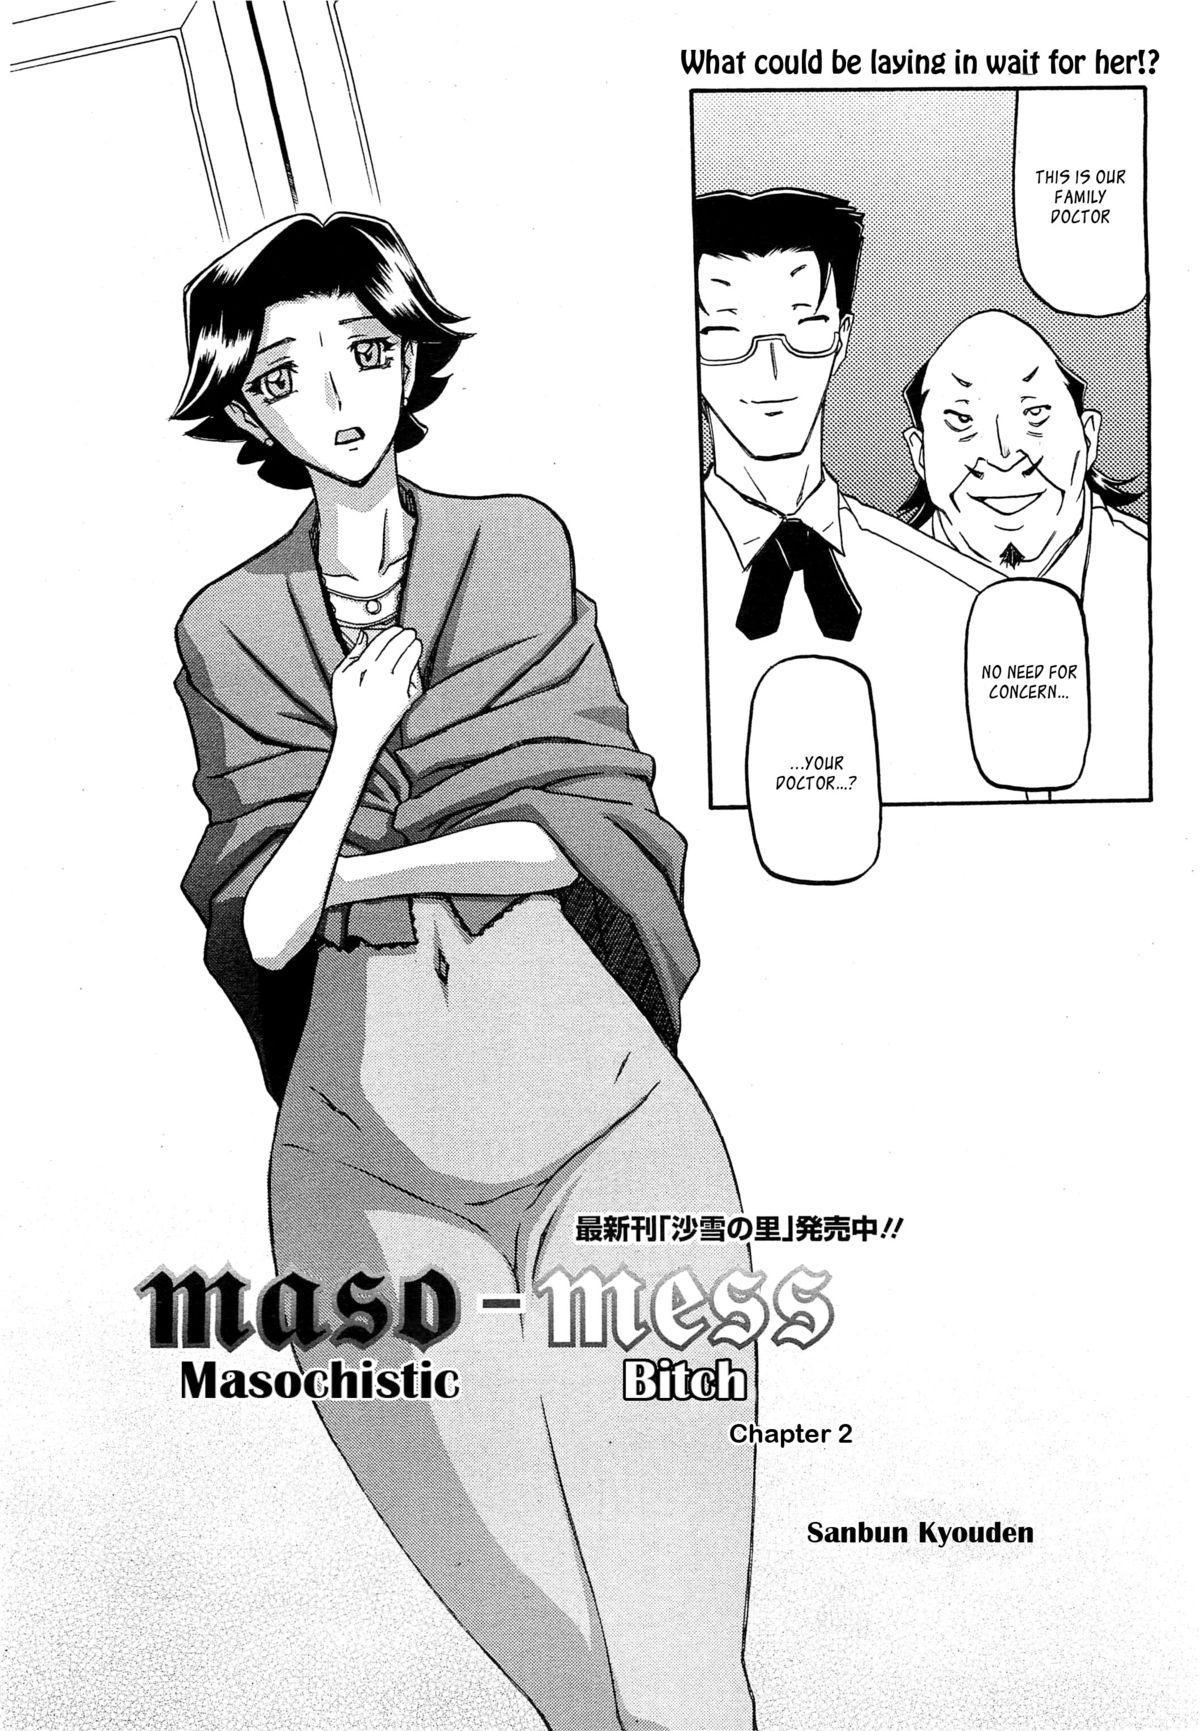 (Sanbun Kyoden) maso-mess Ch. 1-13 [English] [_ragdoll] 19